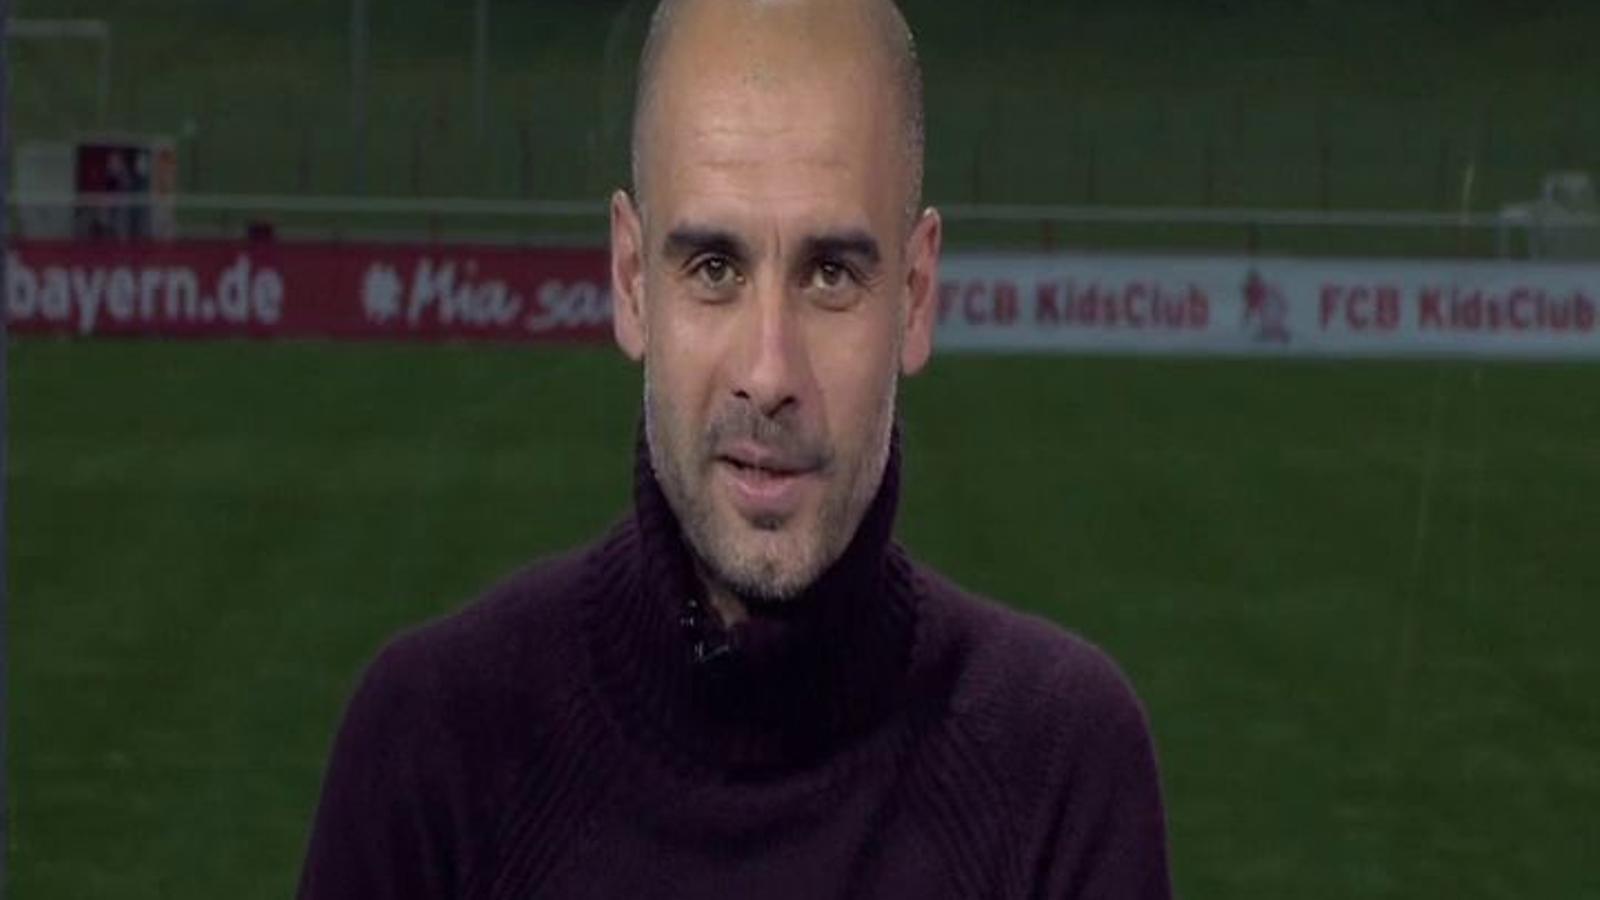 Pep Guardiola: Penseu que l'ARA va néixer amb el 5-0 del Barça-Madrid del 2010, ha d'anar be per força